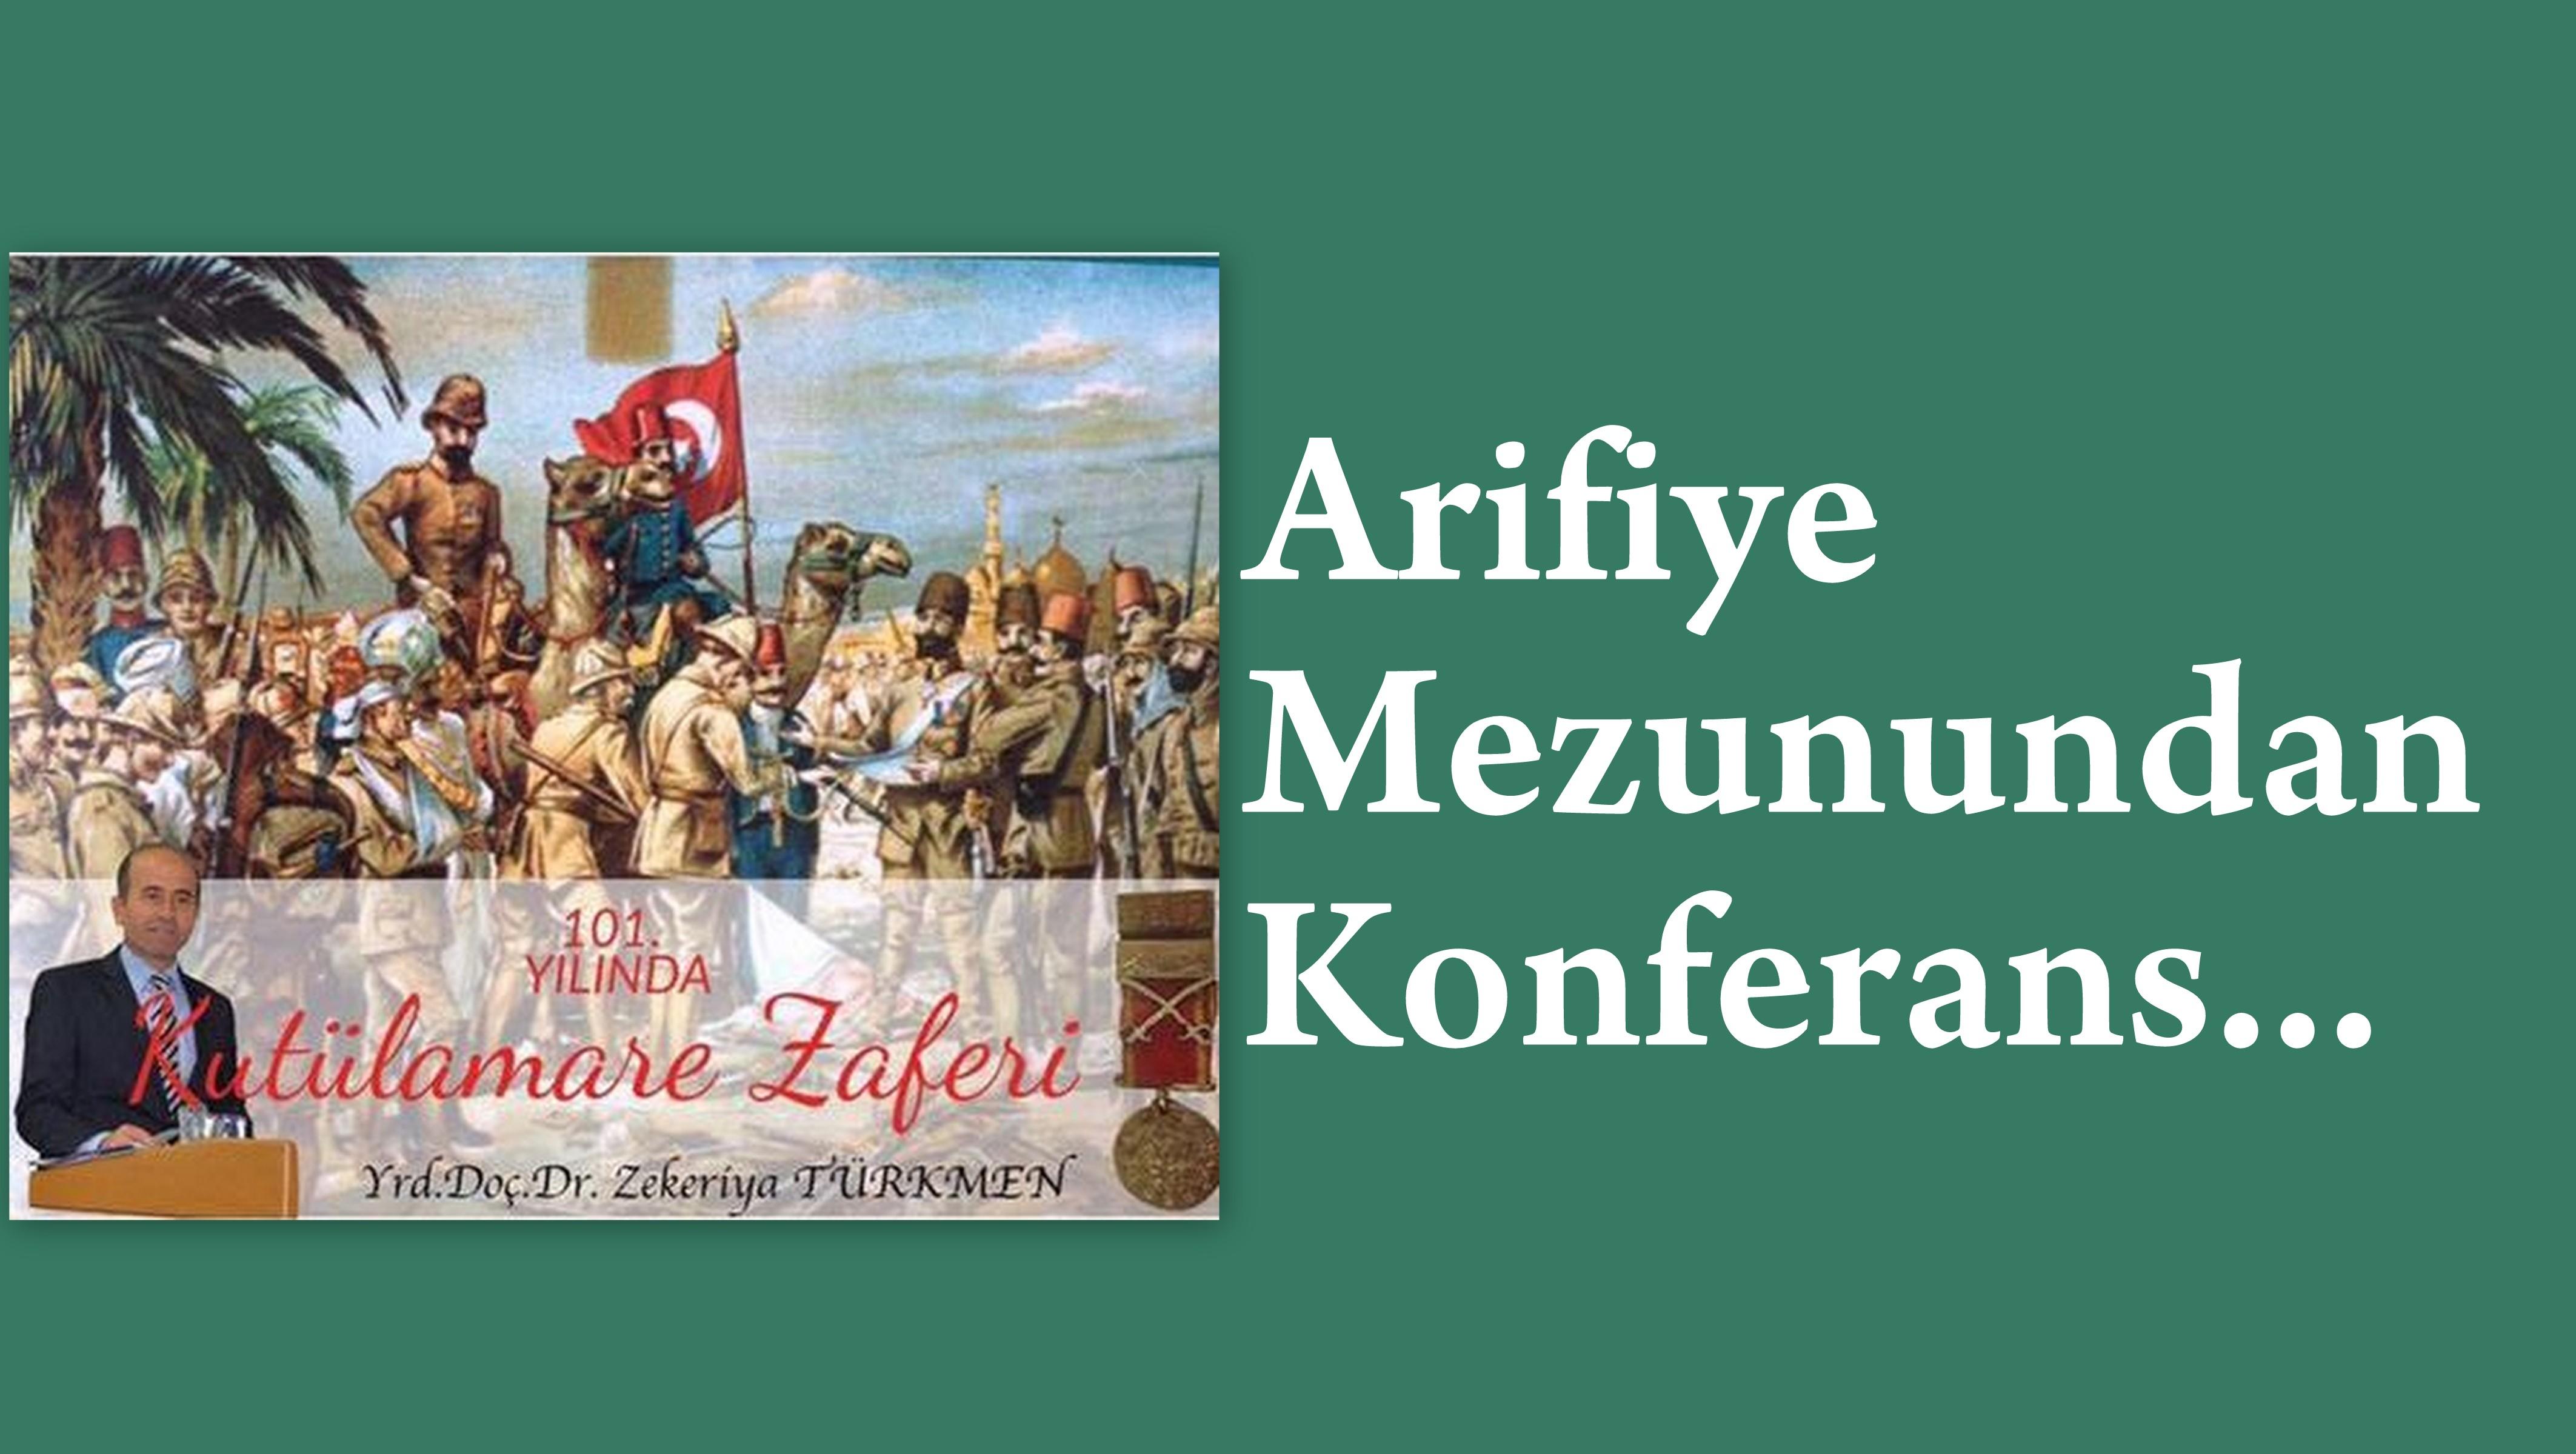 """Arifiye Mezunu Zekeriya Türkmen'den   """"101. Yılında Kutülamare Zaferi""""konferansı"""